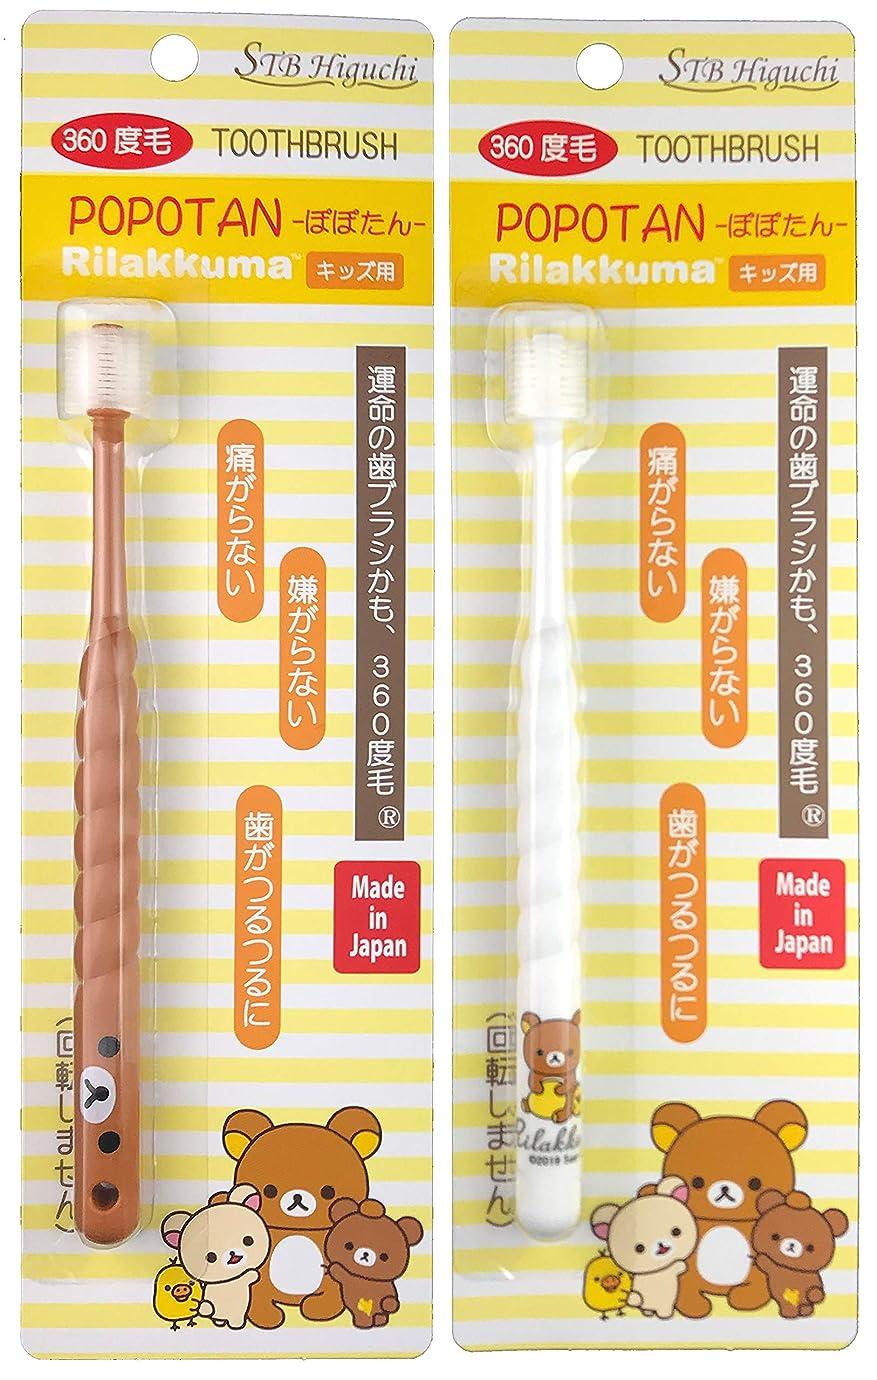 舌なマトン情熱的360度毛歯ブラシ STB-360do POPOTANキッズ ぽぽたんキッズ リラックマ(カラーは1色おまかせ)